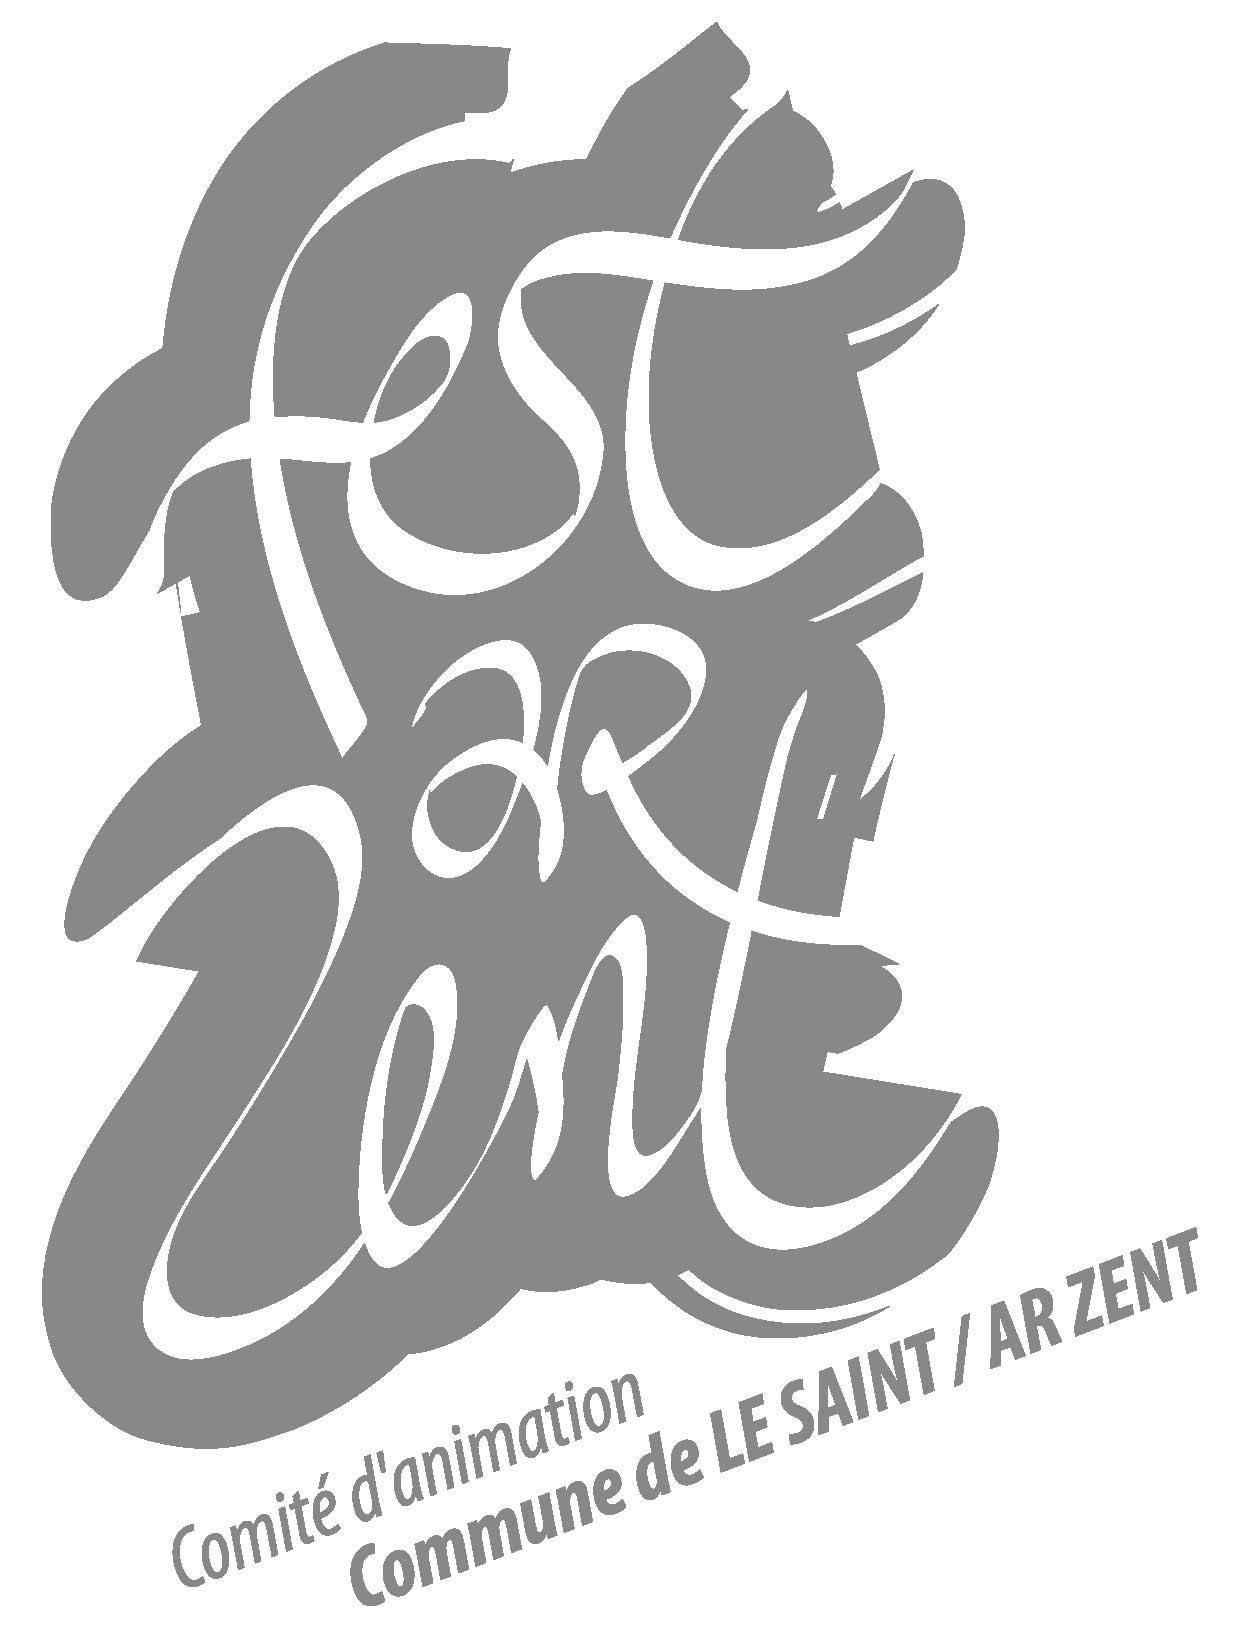 Logo association Fest Ar Zent